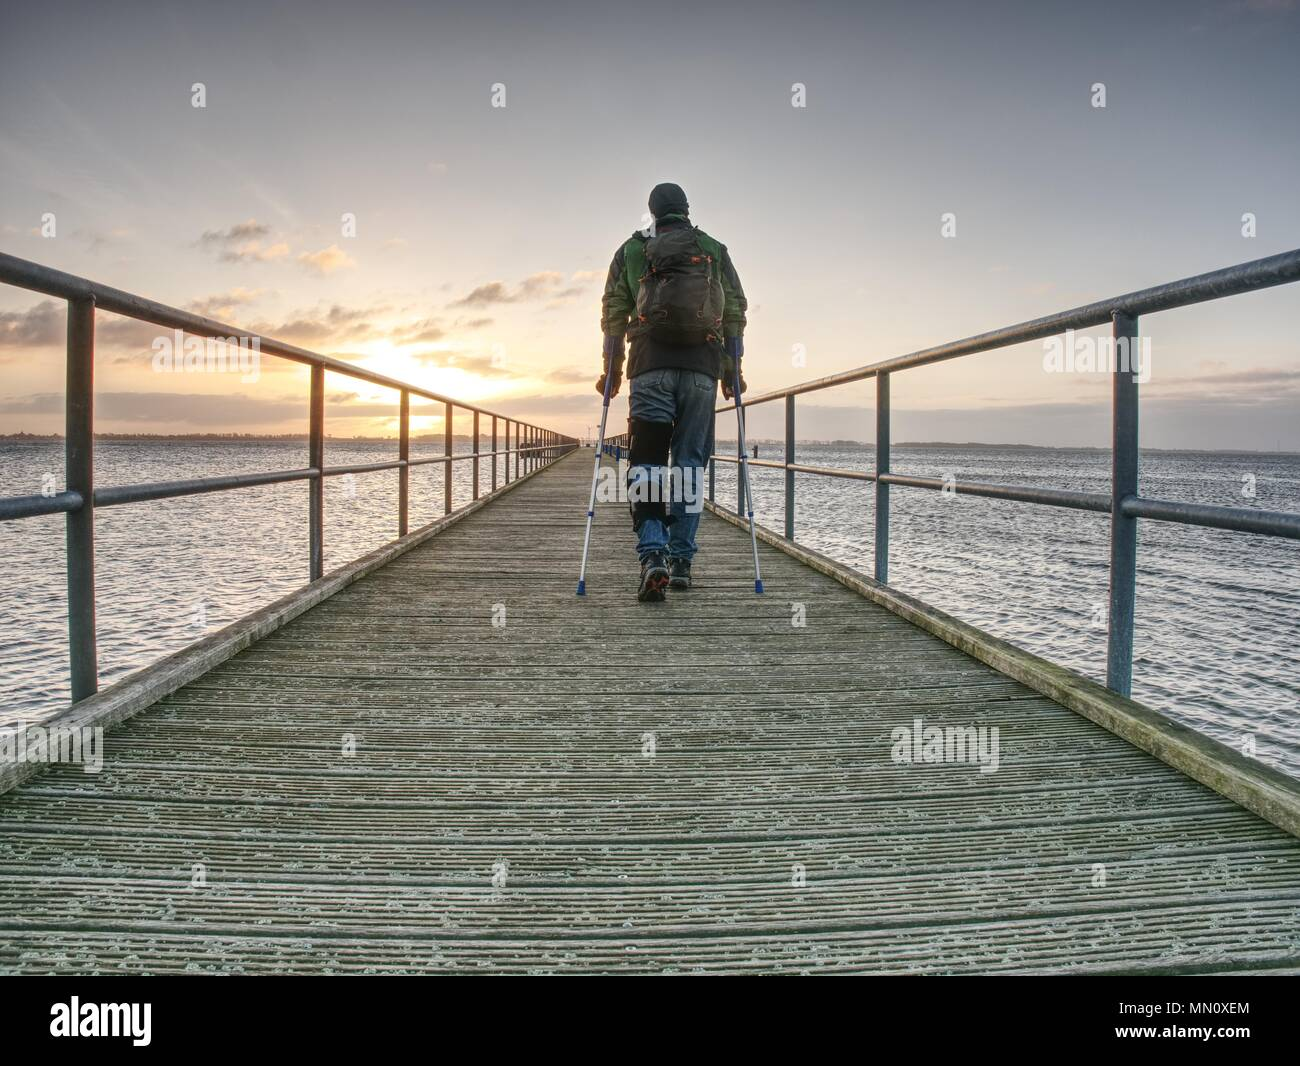 Ferire l'uomo con giacca con cappuccio e avambraccio stampelle cercando tristemente in acqua di mare. Supporto di viaggiatori sul ponte del mare entro la mattina e pensare. Nostalgico Immagini Stock